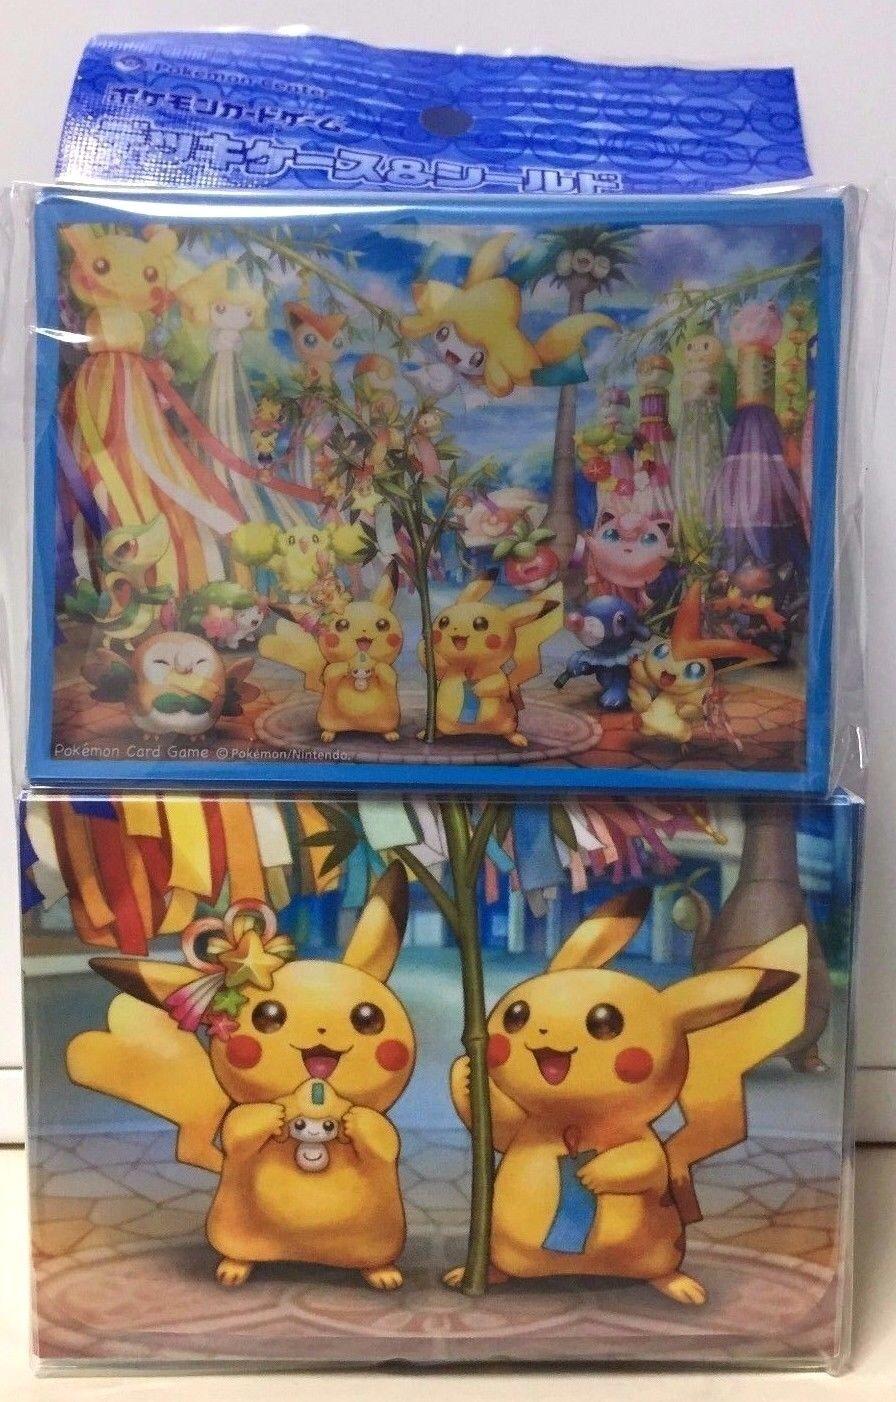 Pokemons Pika Cool pokemon Caso Case